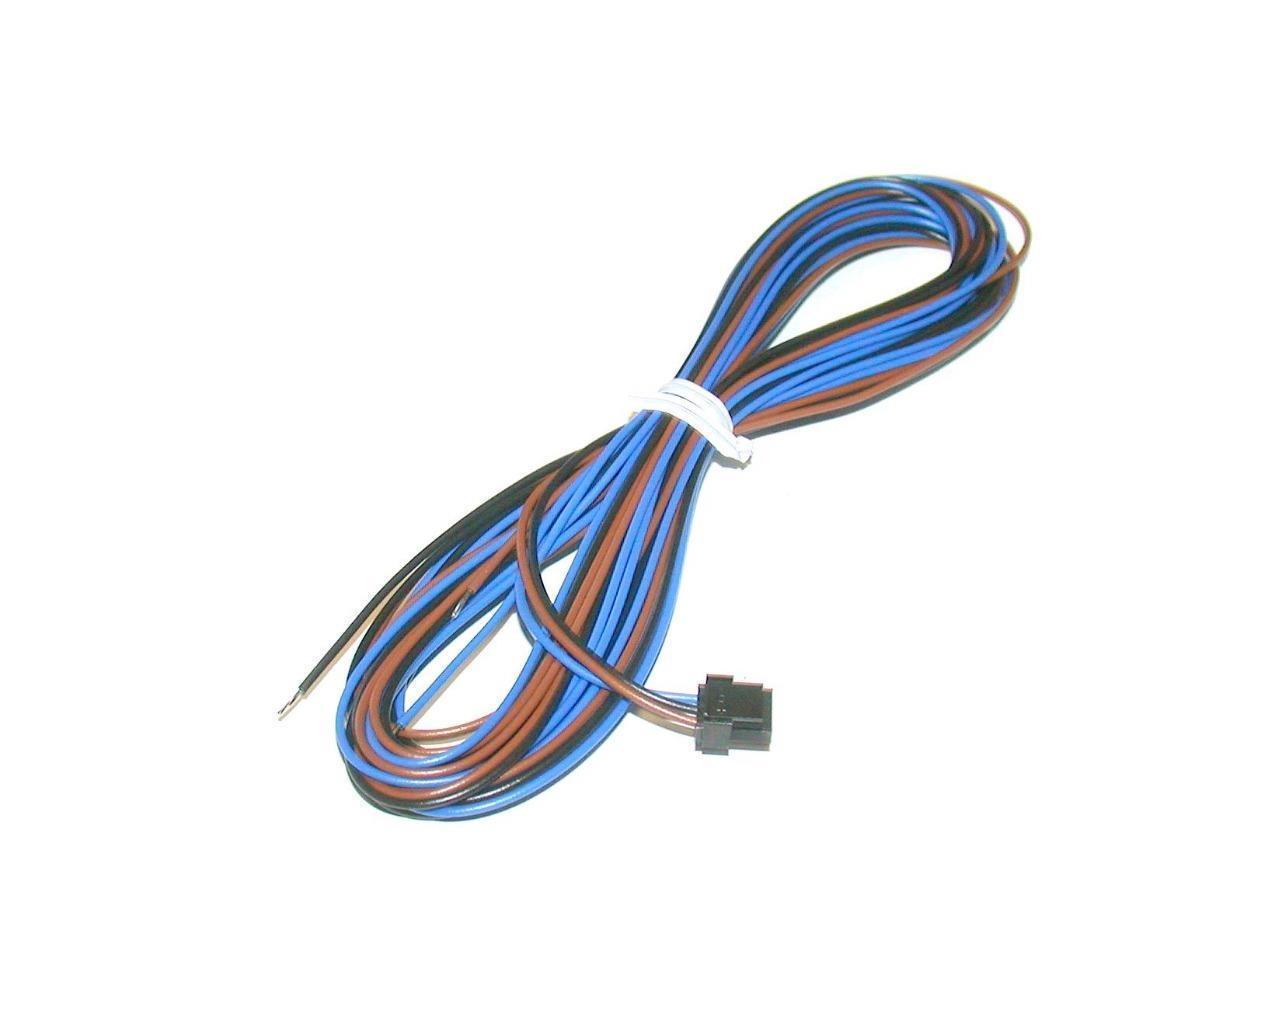 30.5M RiteAV 100FT RJ45//M RJ45//M Cat5e Ethernet Network Cable Blue